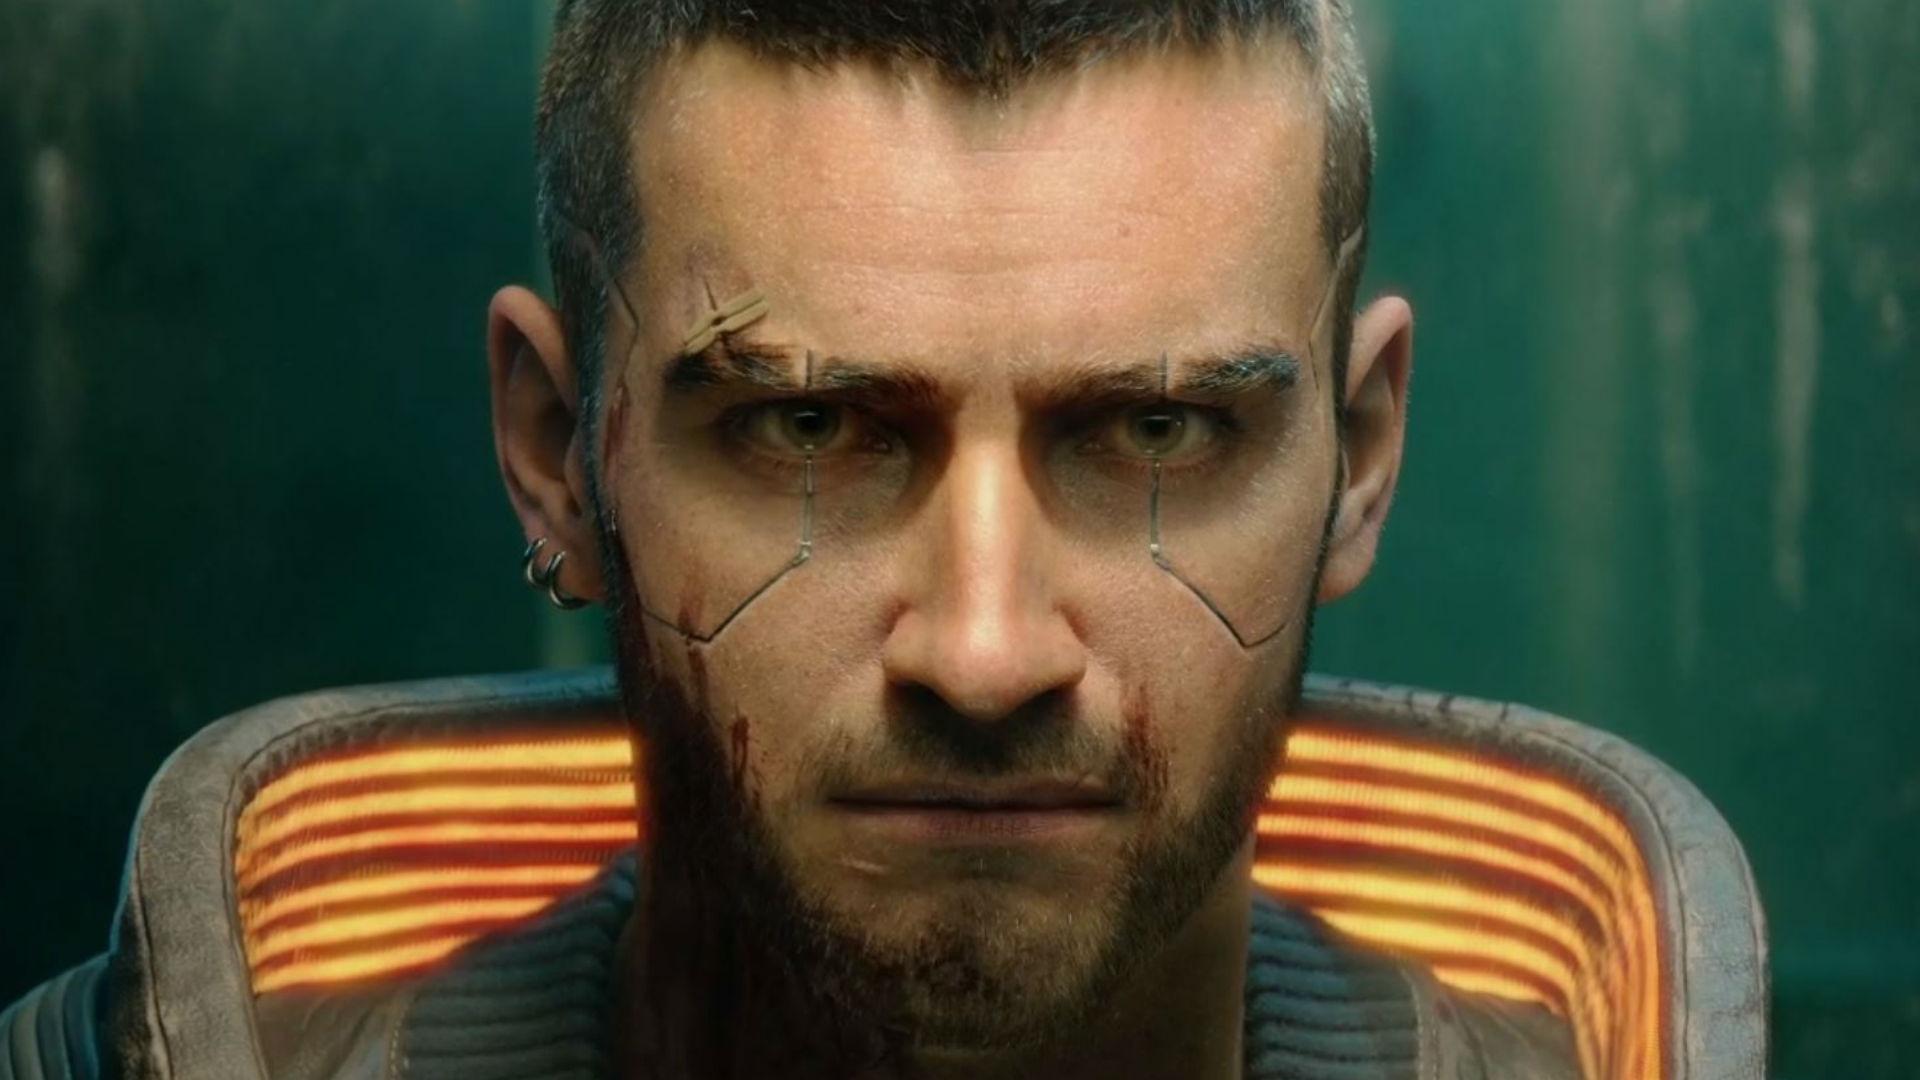 CDProjekt анонсировала мультиплеер для Cyberpunk 2077 иеще две игры повселенной